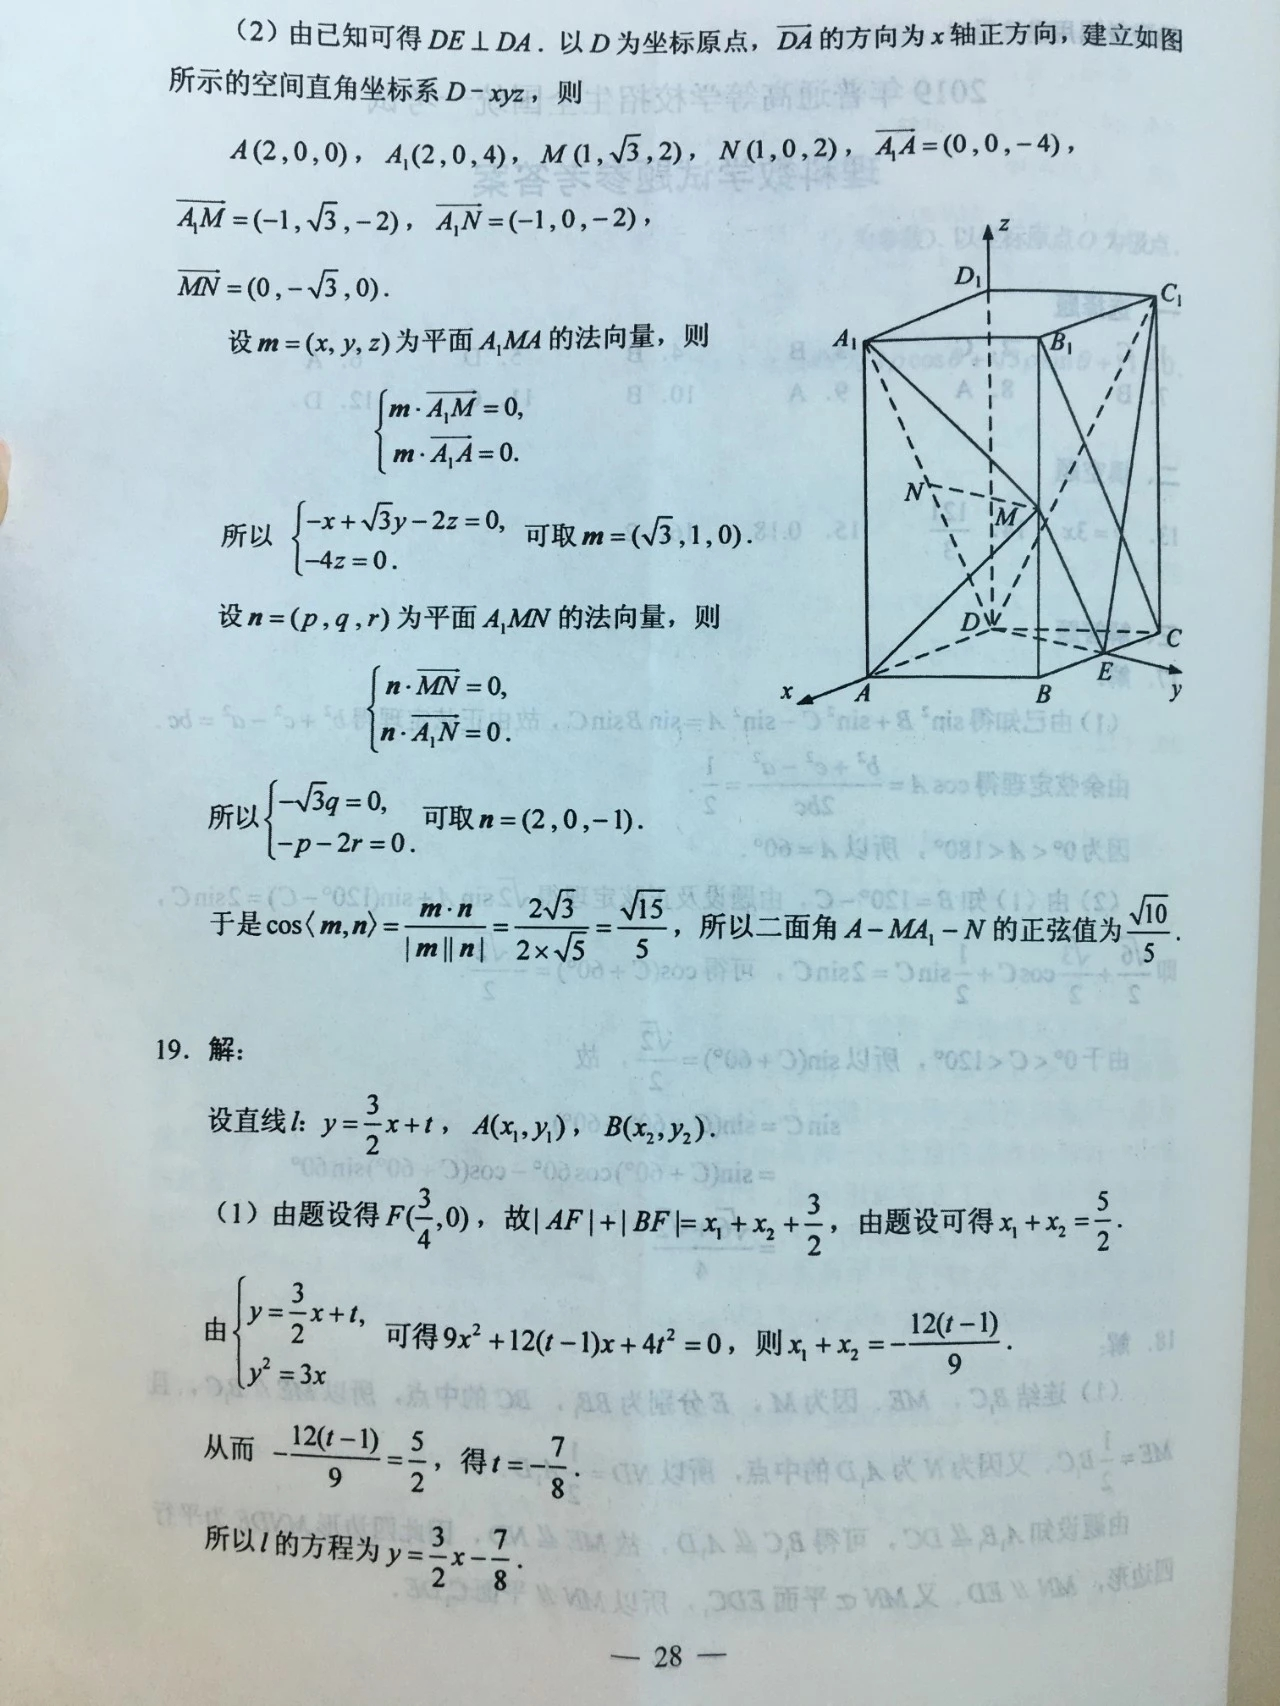 2019年高考全国卷1卷标准答案理科数学